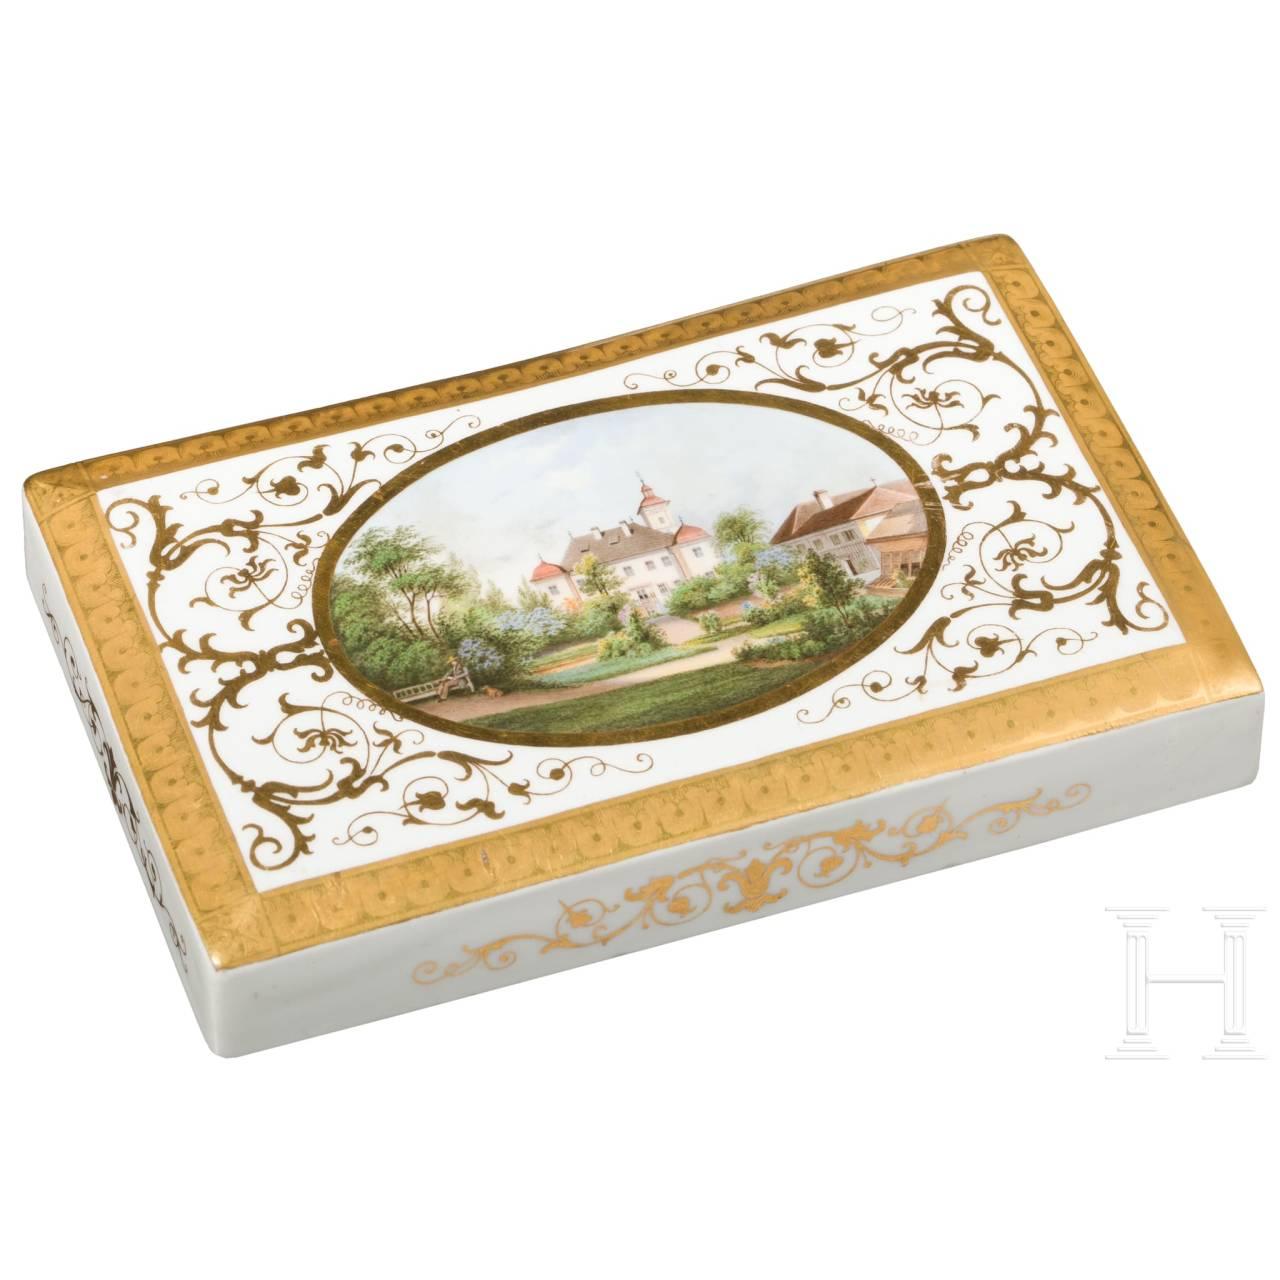 Prinz Karl von Bayern (1795 - 1875) - Briefbeschwerer mit Abbildung von Schloss Kleeberg